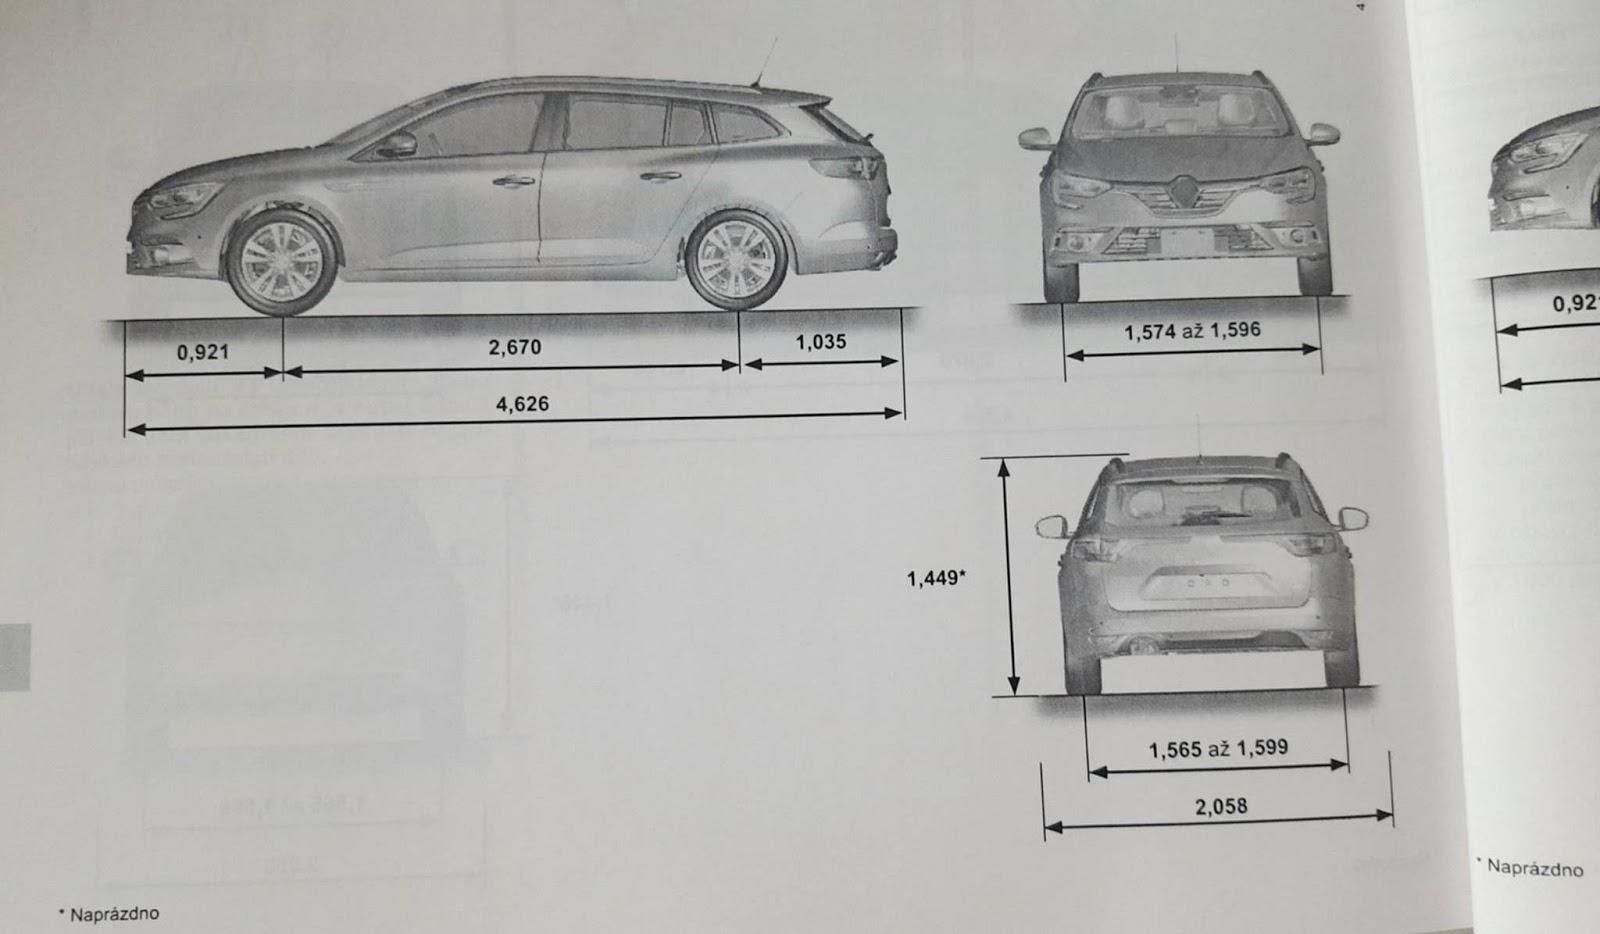 Yeni Renault Fluence (Megane Sedan) nasıl olacak? - Sekiz ...